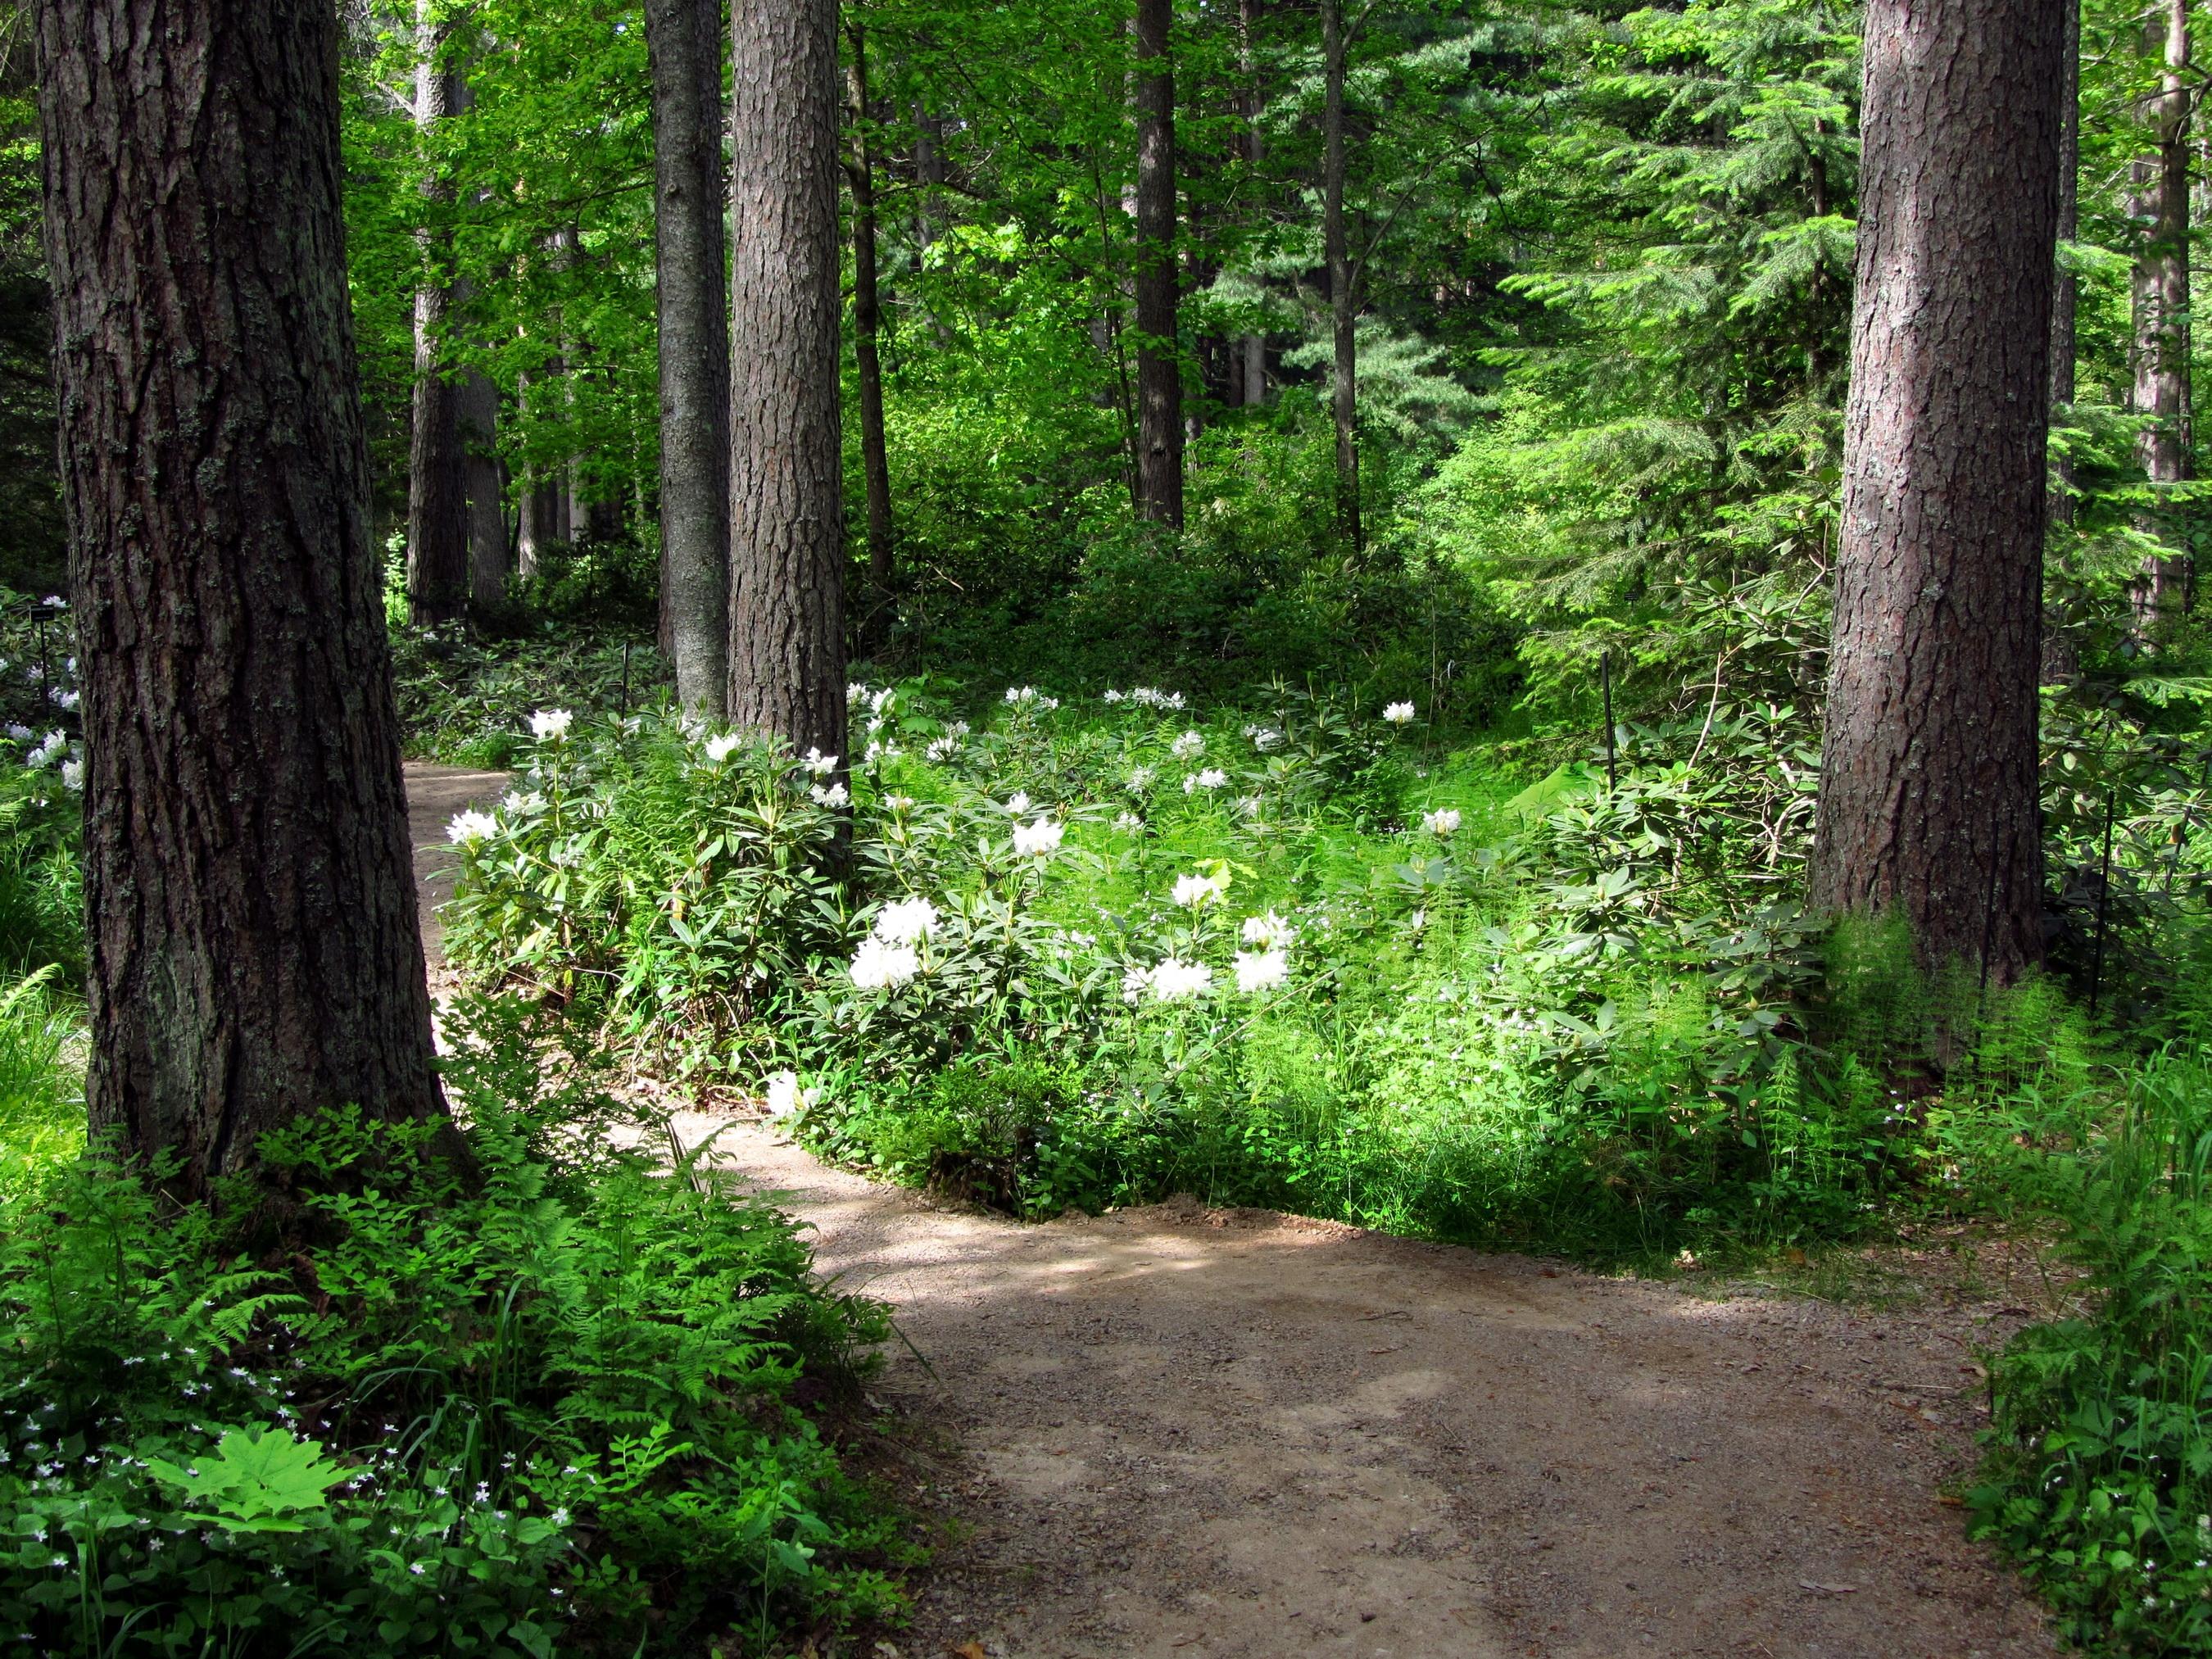 144044 скачать Белые обои на телефон бесплатно, Зеленый, Природа, Цветы, Деревья, Дорожка Белые картинки и заставки на мобильный